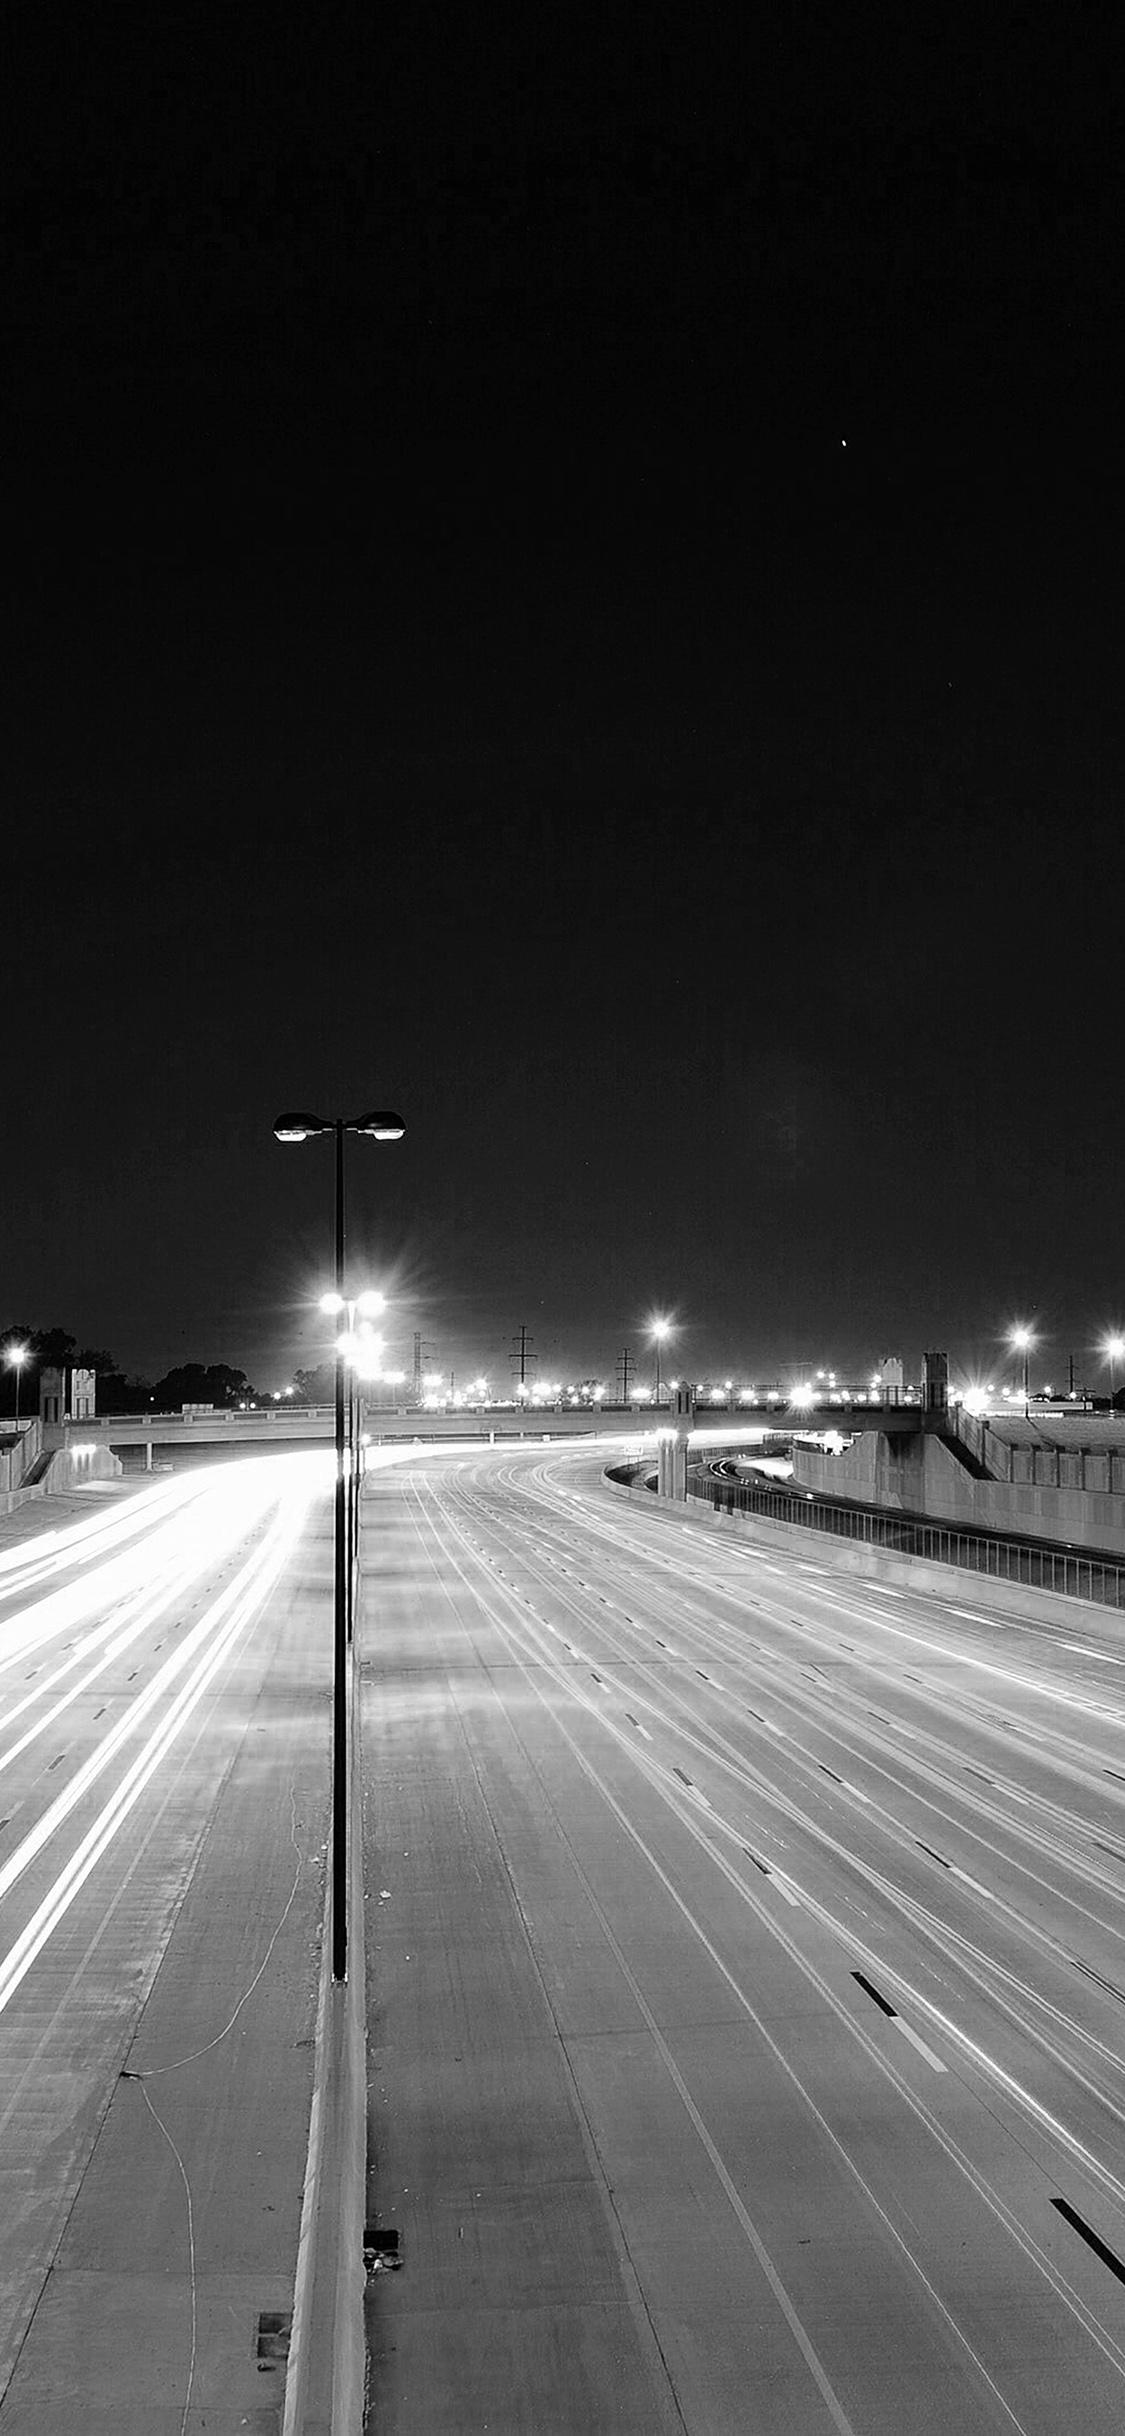 Mv61 Road Street City Night Car Lights Dark Bw Wallpaper